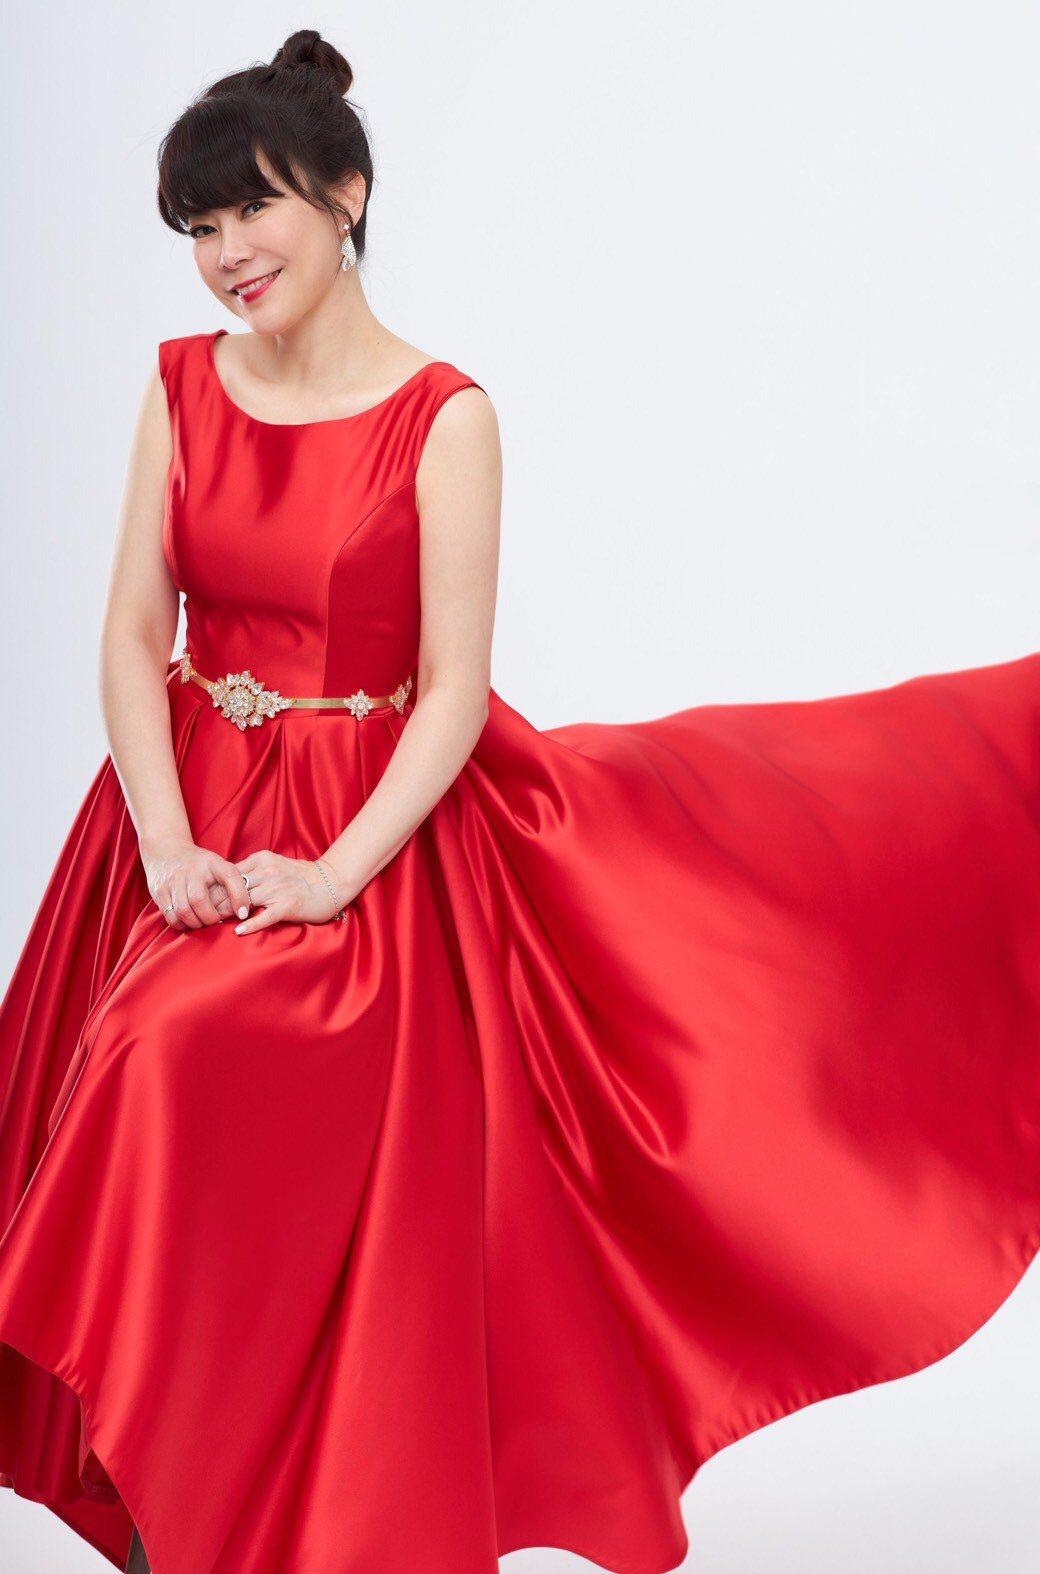 錢怡君是這次「全球華文永續報導獎」的主持人,平時樸素的她換上禮服,令人驚豔。圖/